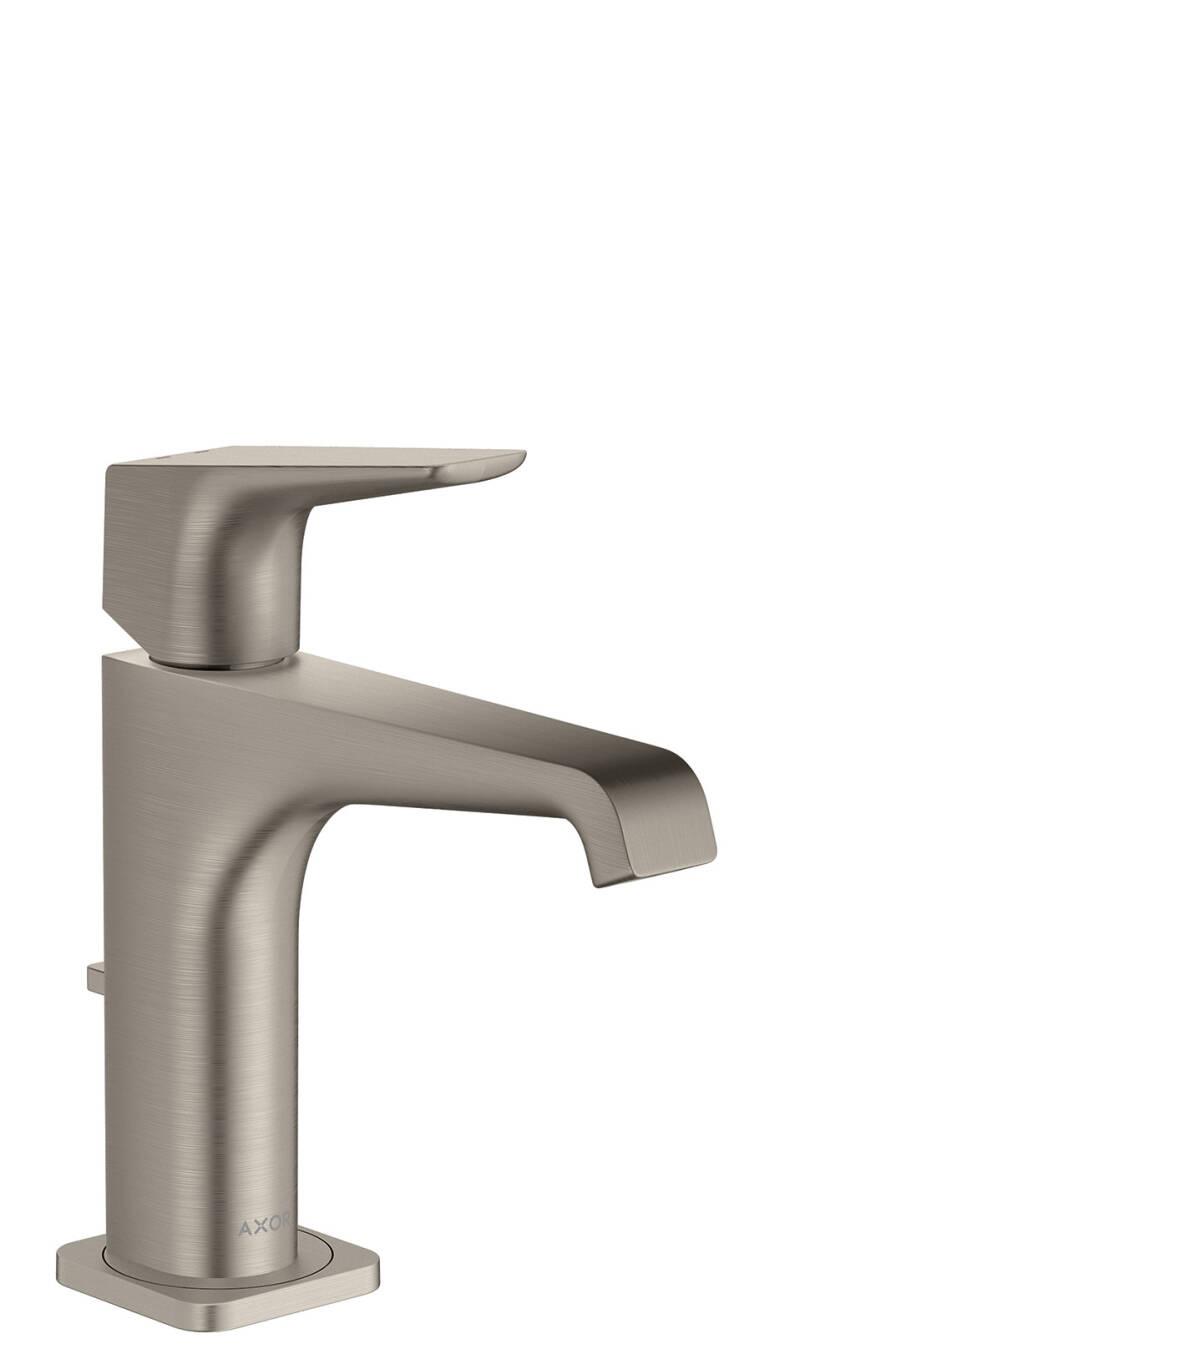 Mezclador monomando de lavabo 130 con manecilla y vaciador automático, color acero, 36110800